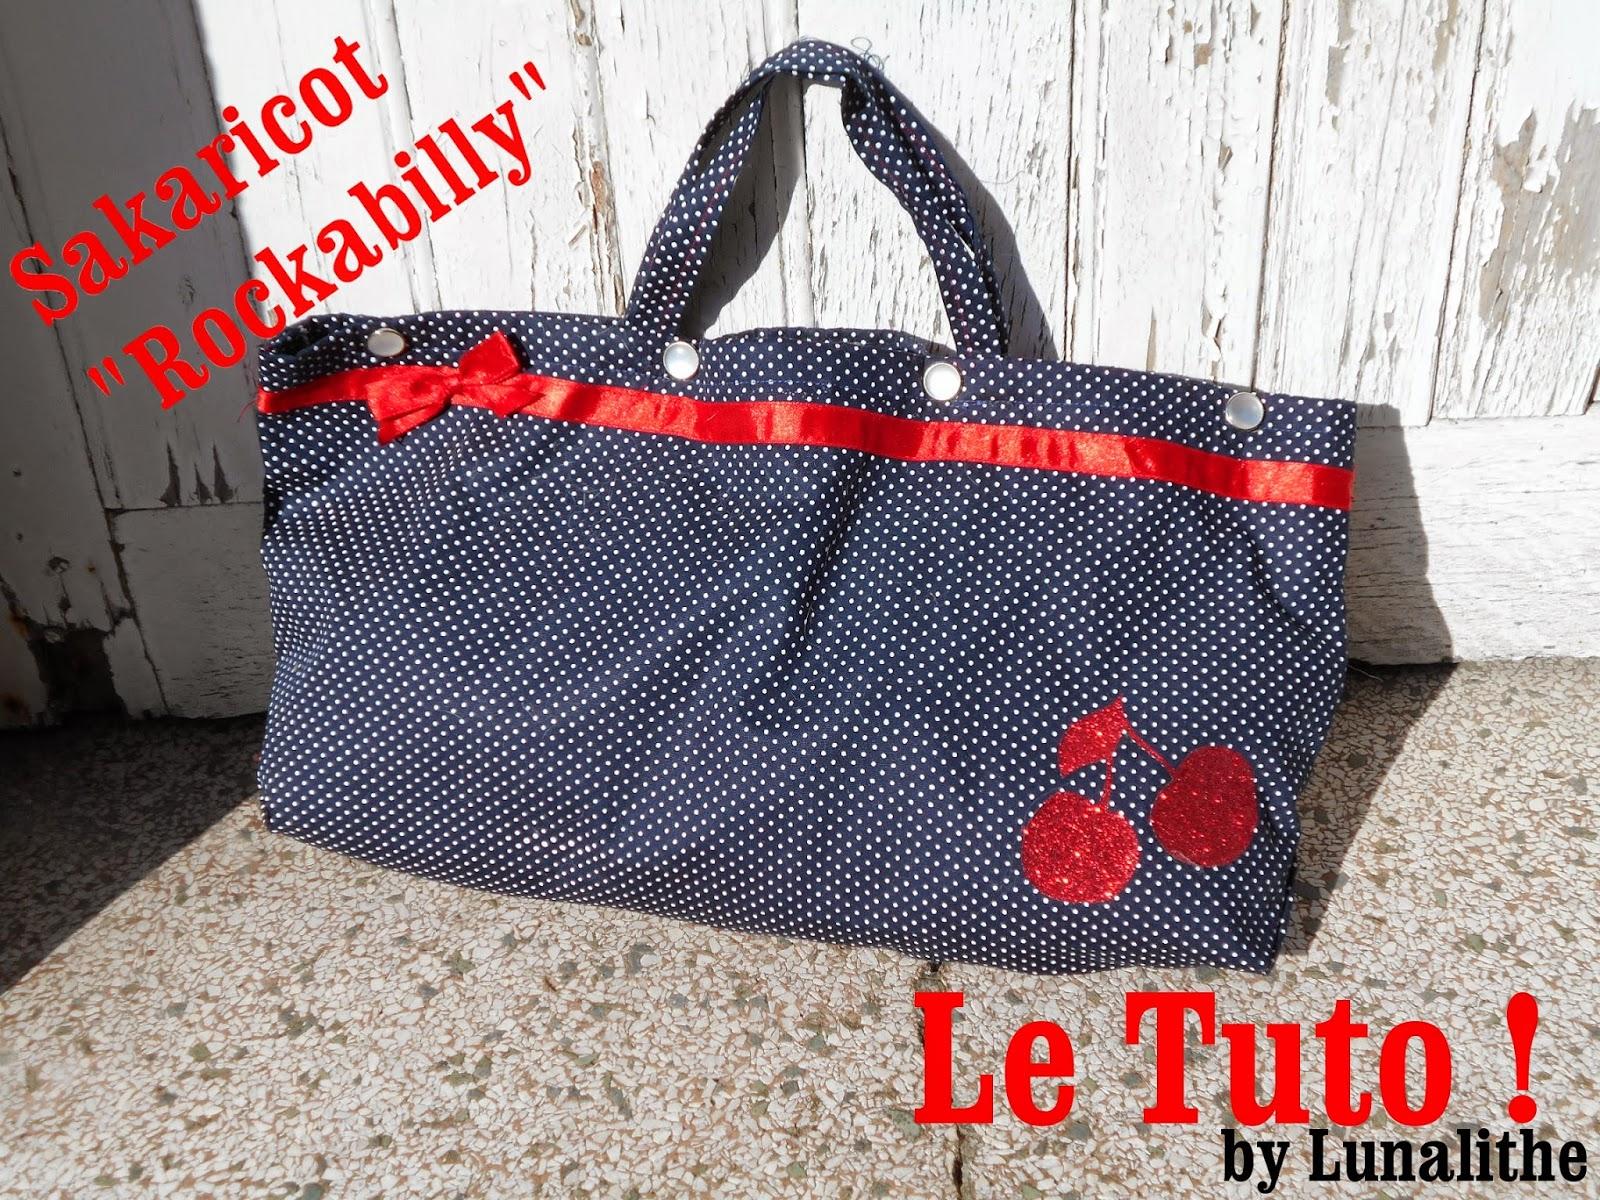 http://lunalithe.blogspot.fr/2014/11/sakatricot-rockabilly-le-tuto.html